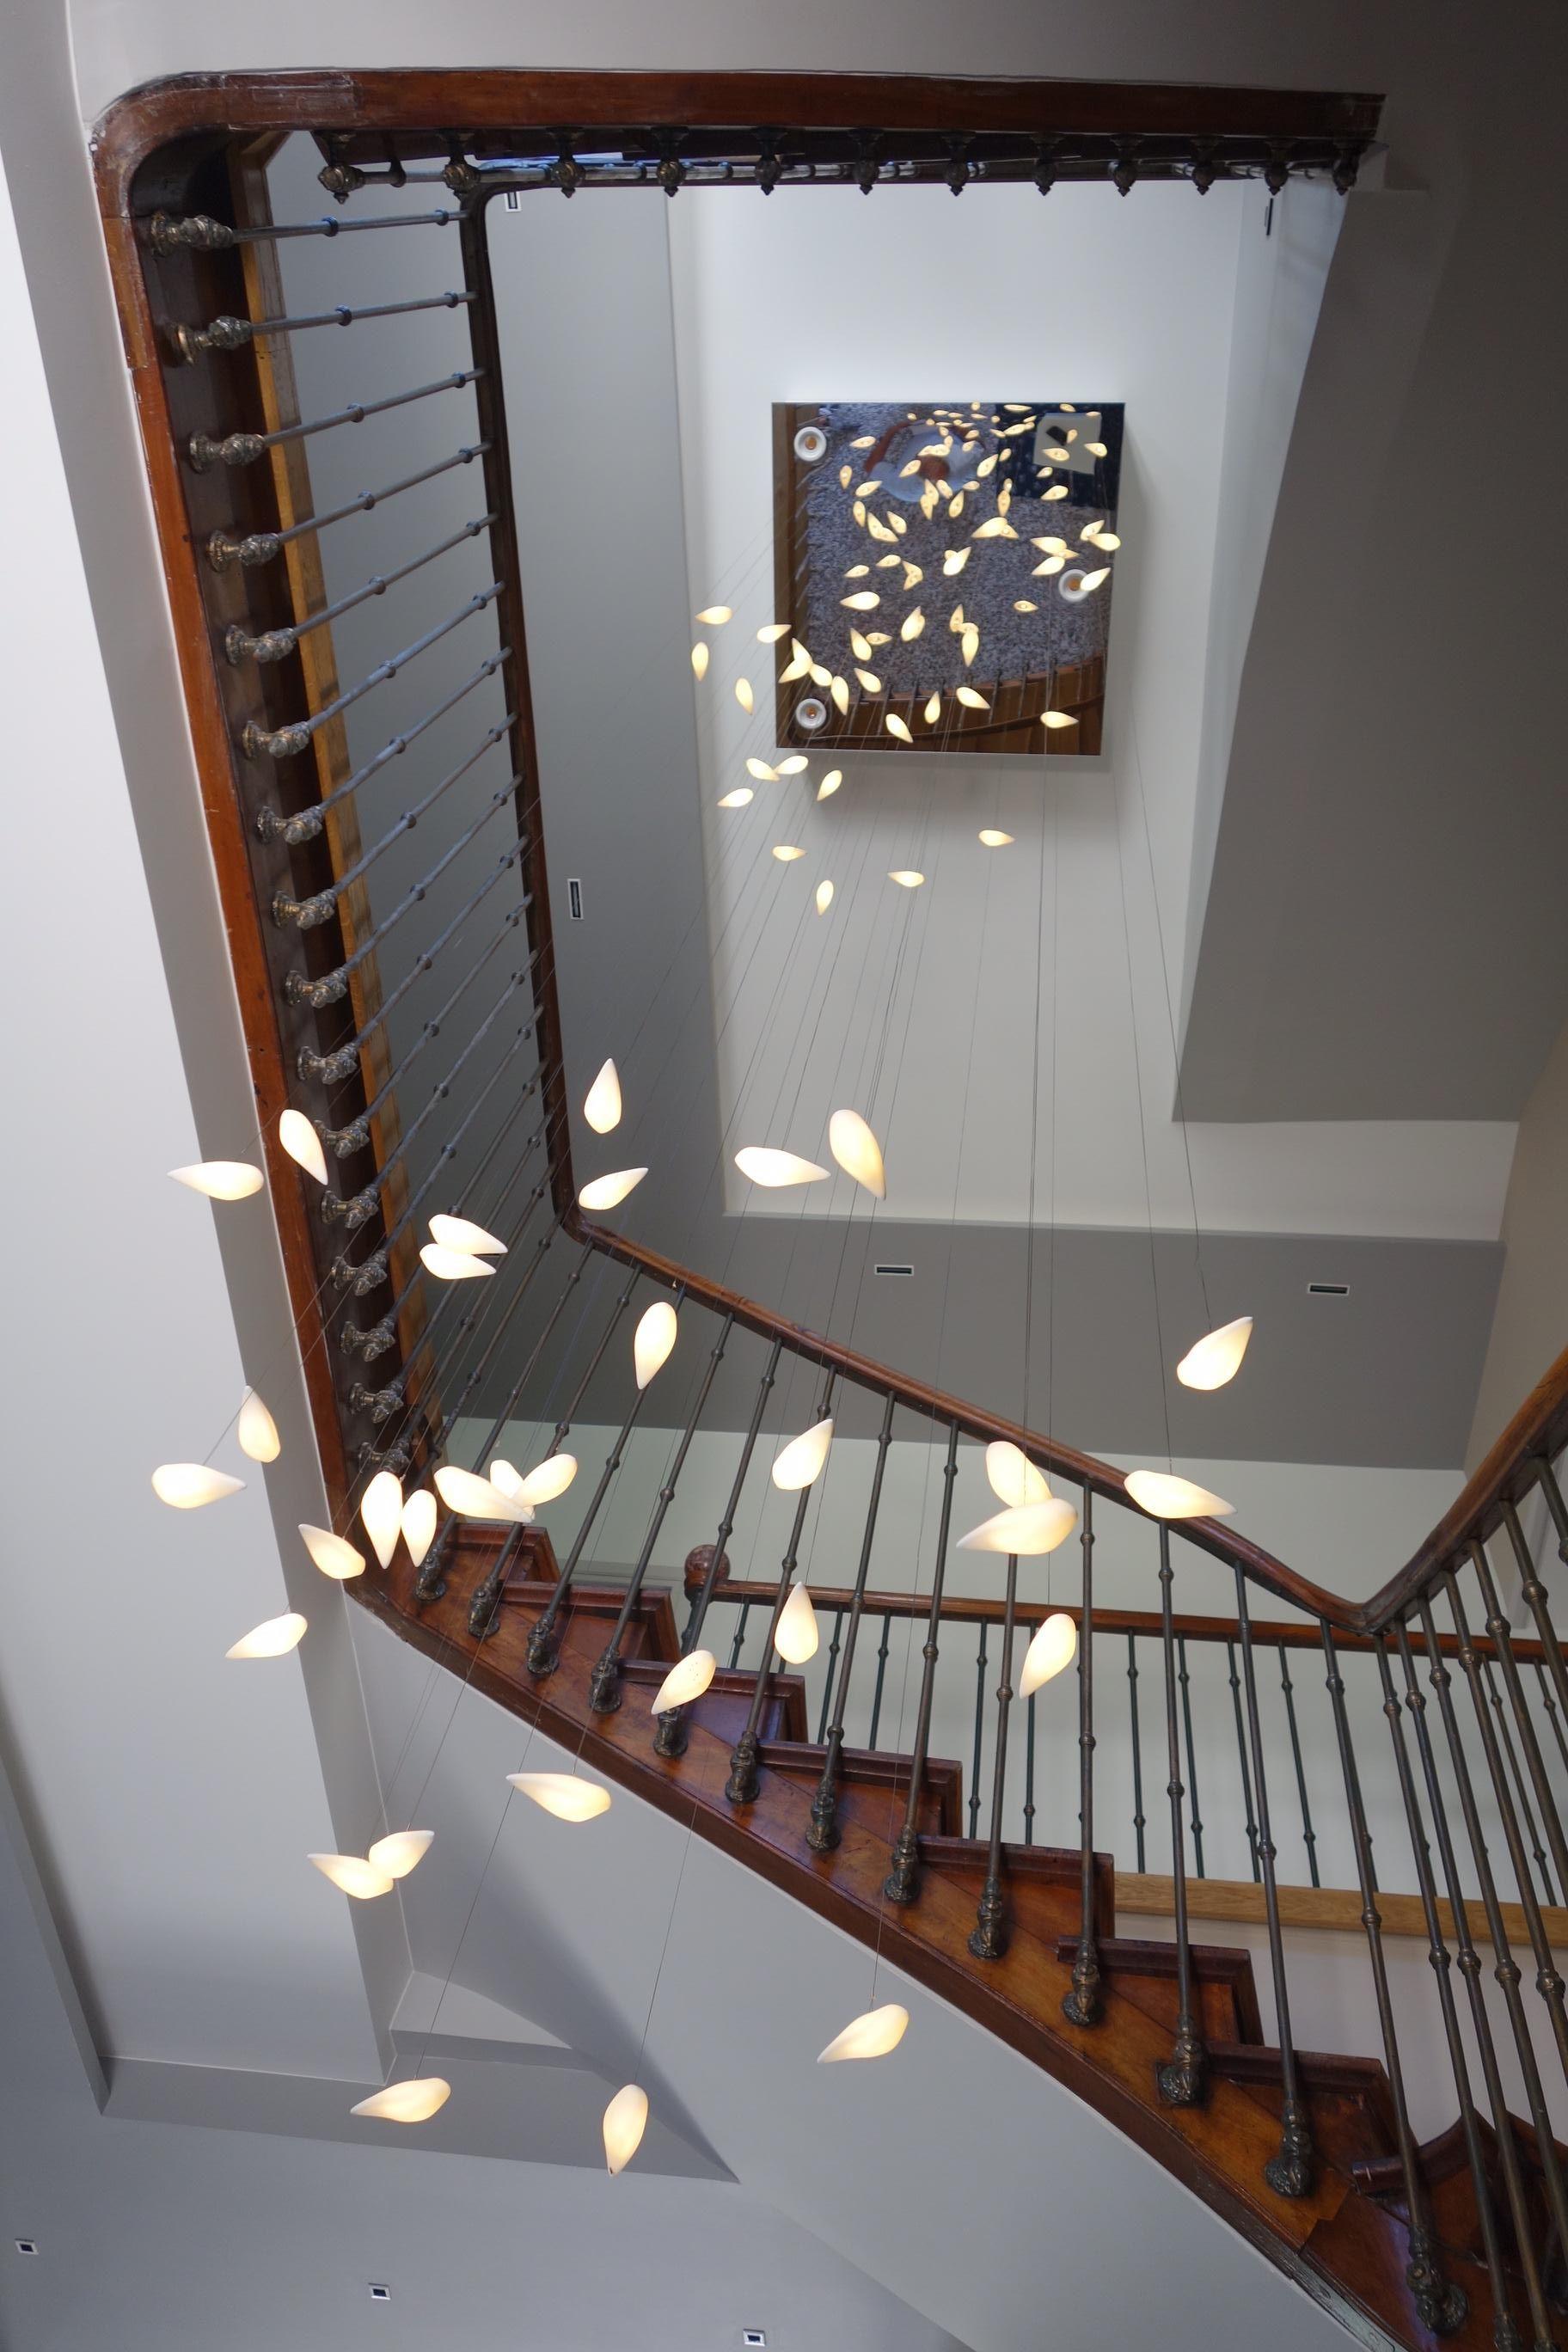 Installation Sur Mesure Dans Une Cage D Escalier A 7m De